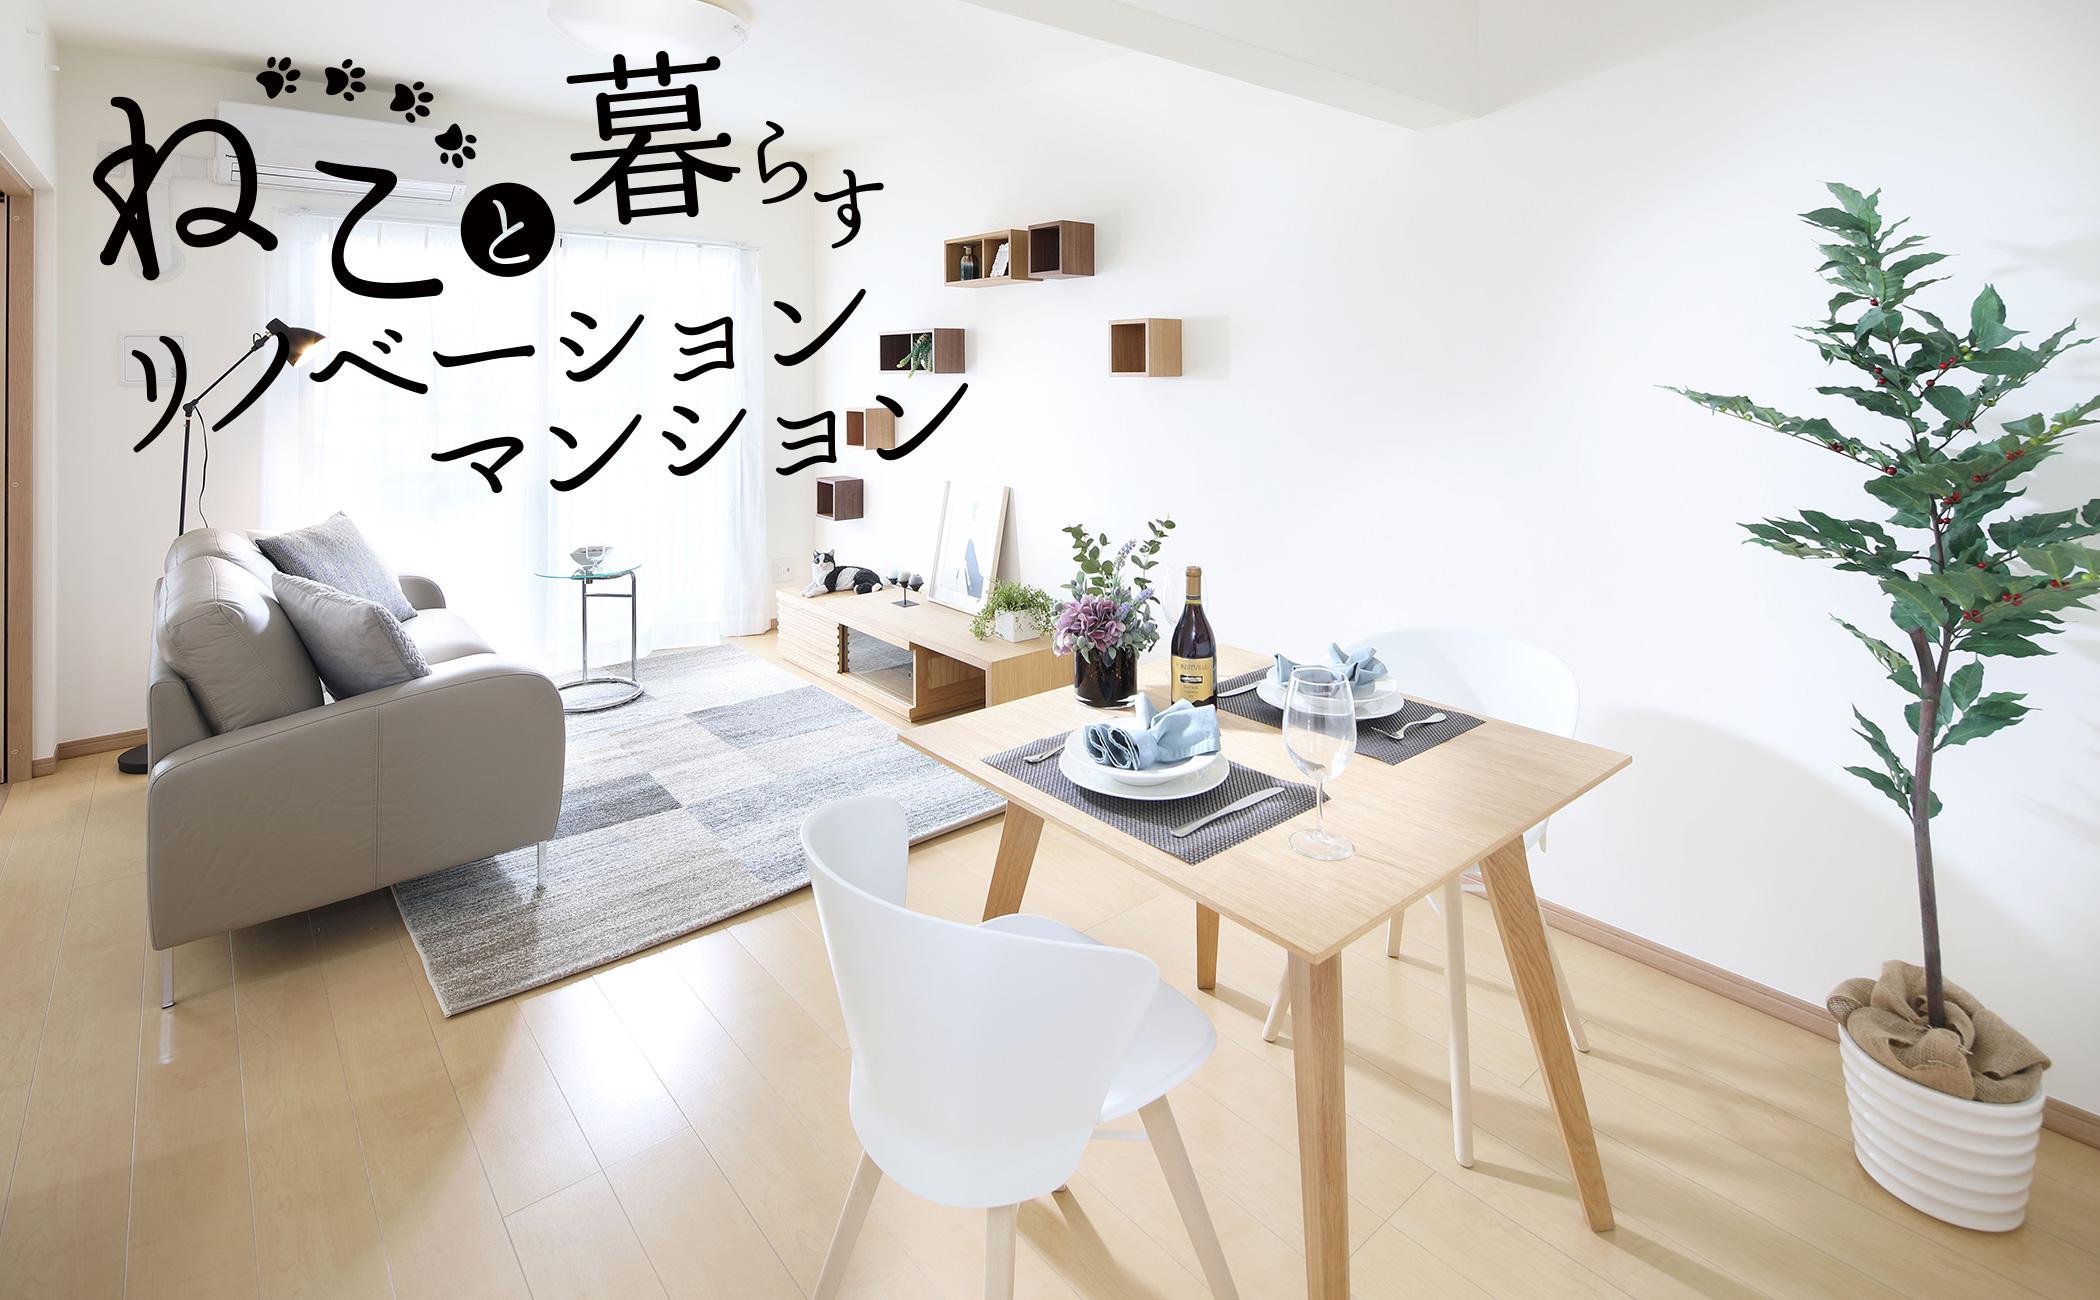 スター・マイカ株式会社は、ペット保険のアニコム損害保険株式会社と、ペットオーナー向け商品・サービス提供について基本合意いたしましたのでお知らせいたします。両社によるコラボレーション企画の第一弾として、2018年10月25日より自由が丘(東京都)にて「ペットオーナー向け課題解決型リノベーションマンション」の販売を開始します。<br /> <p>